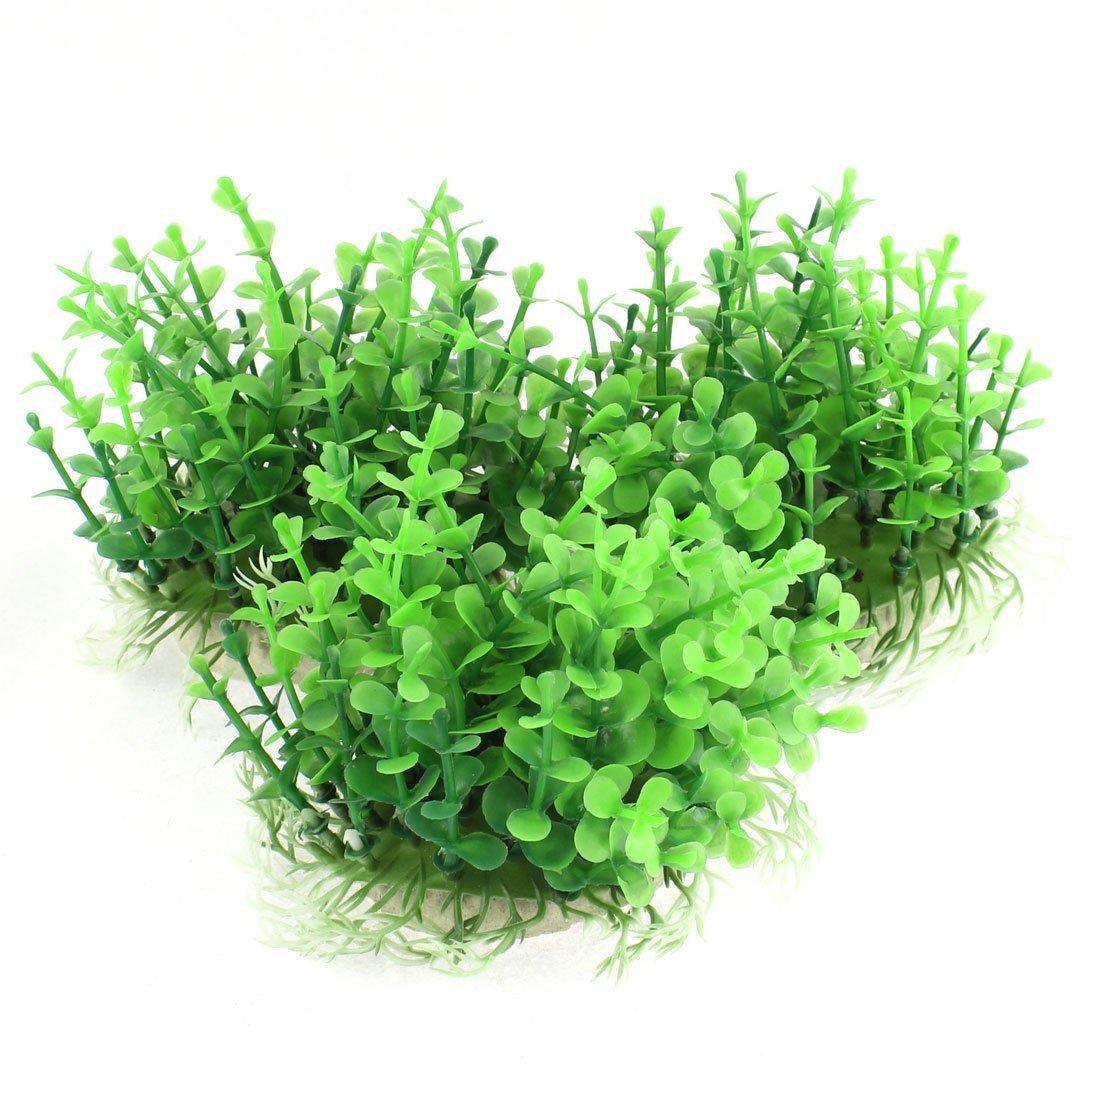 1Pc Ceramic Base Plastic Aquarium Water Plant Grass Decoration 7 in 1 Green Dark Red